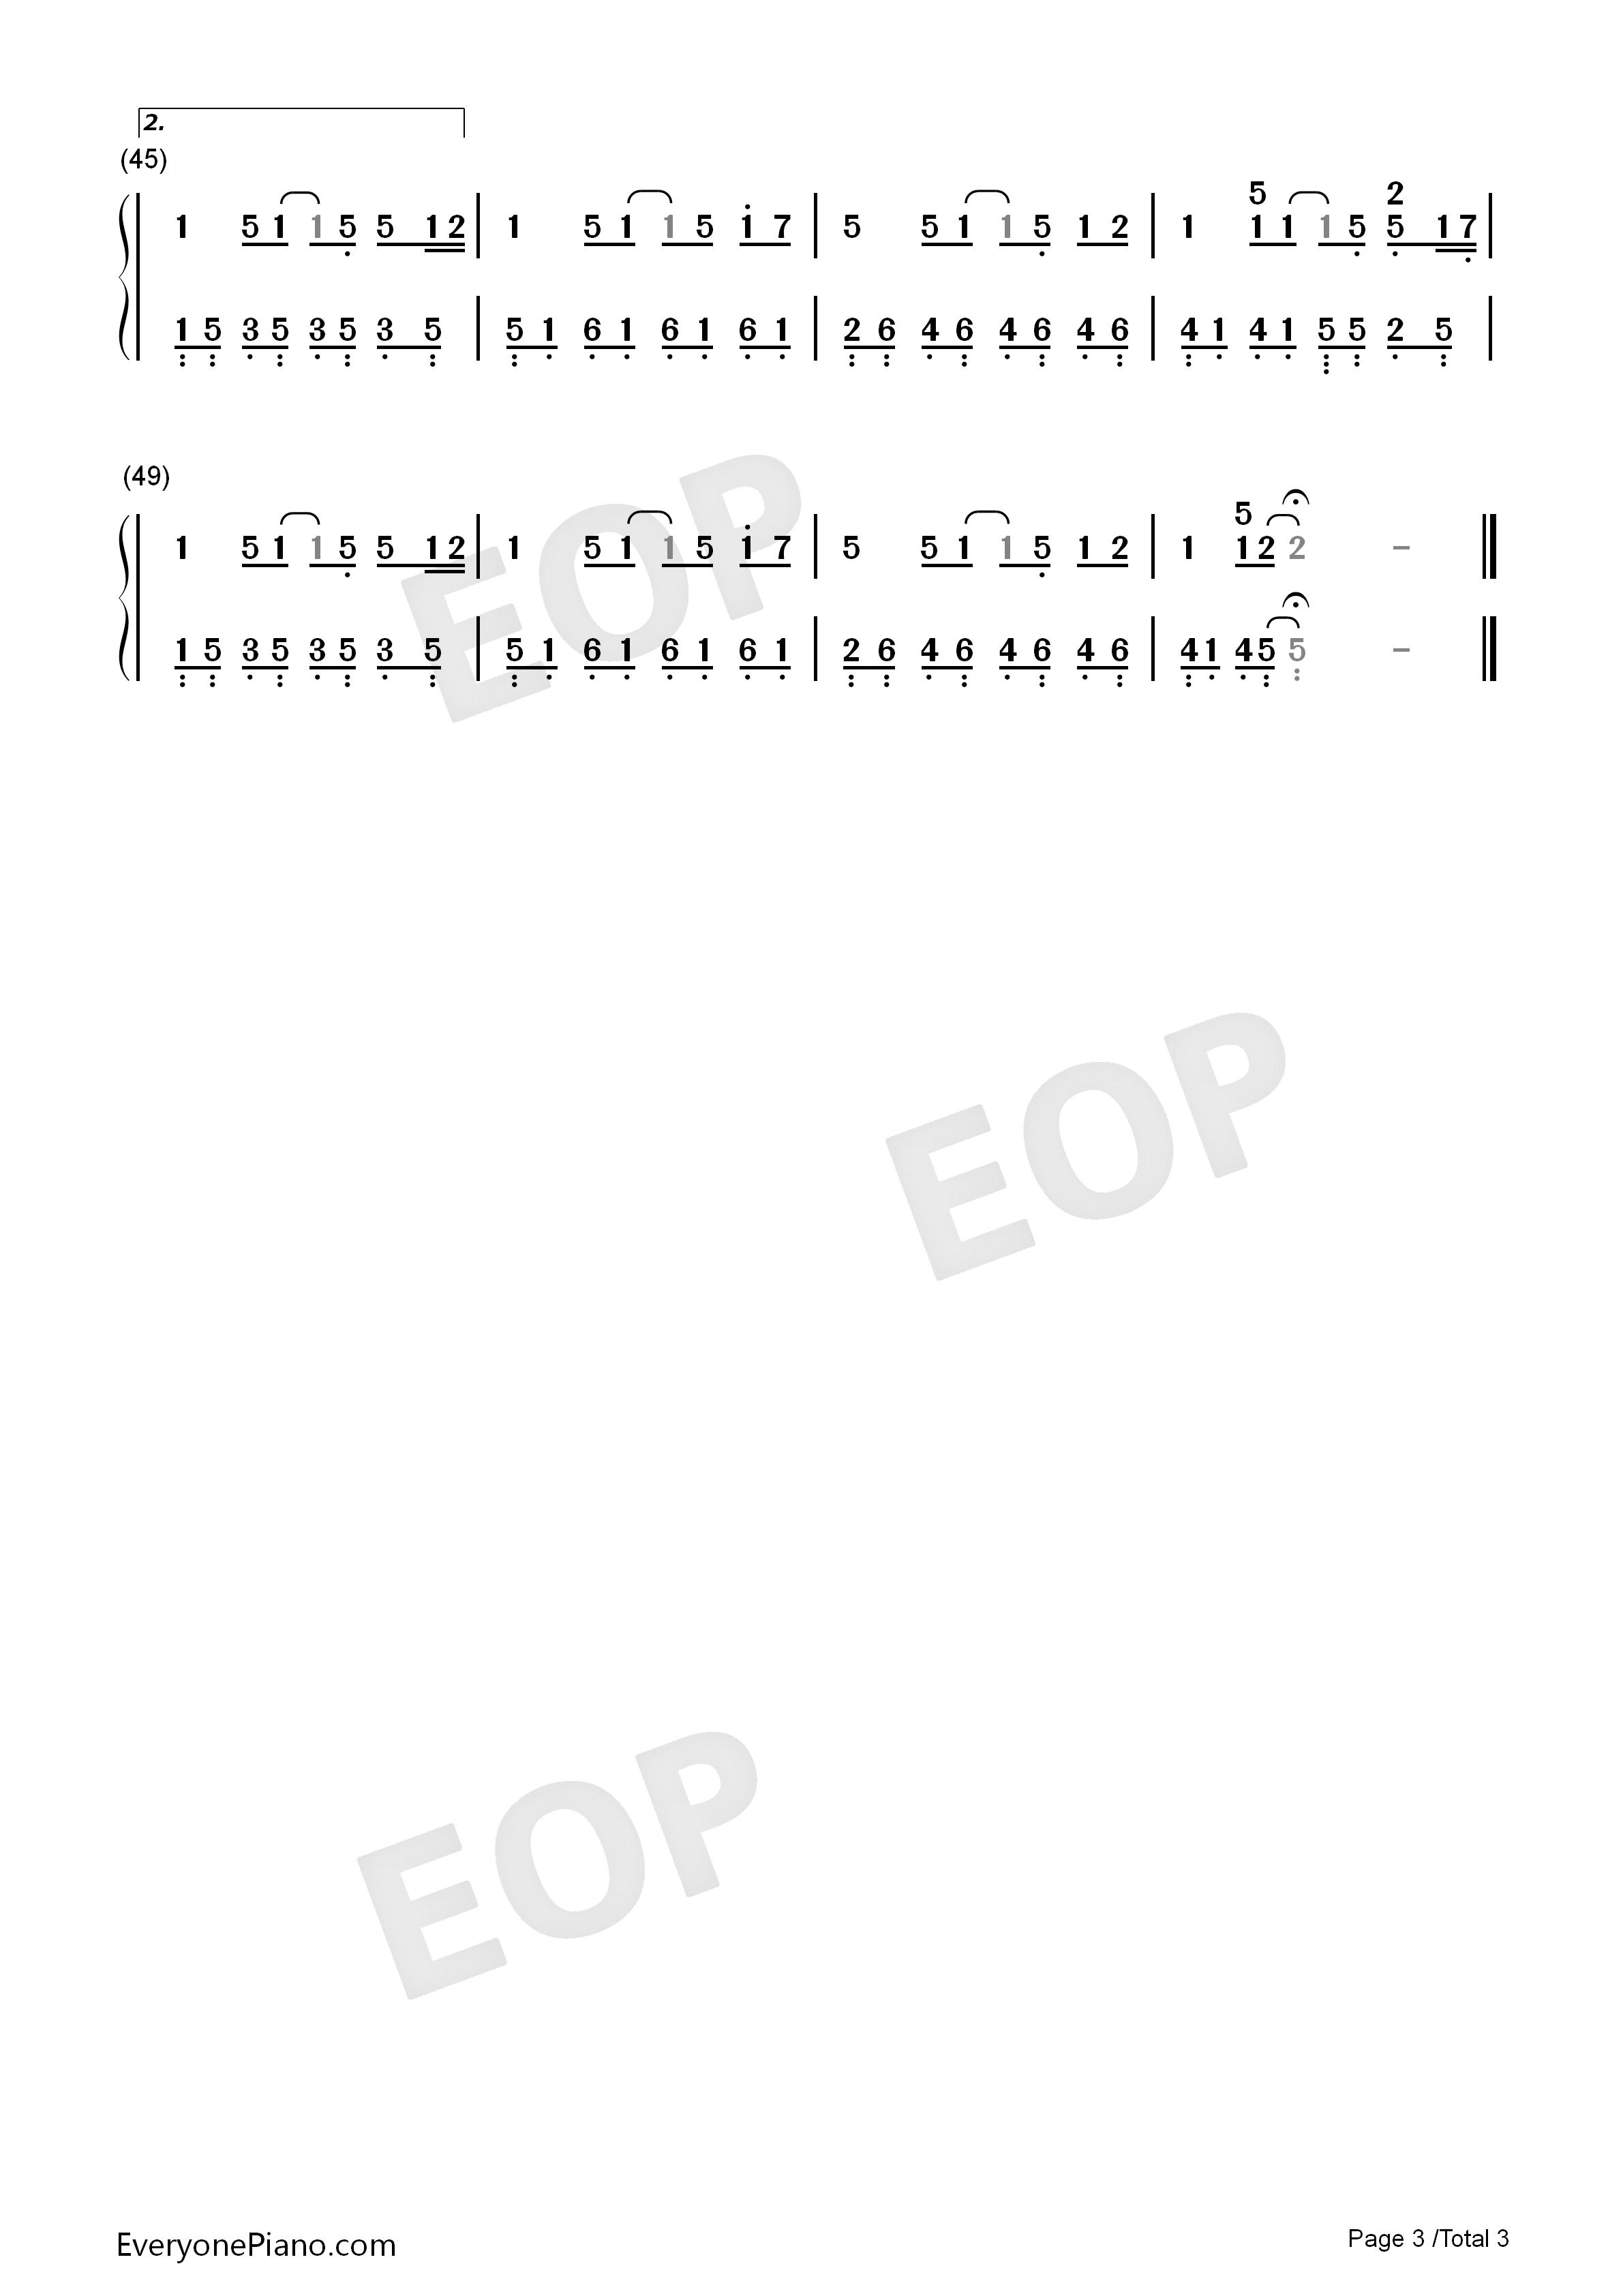 晴天双手简谱预览3-钢琴谱(五线谱,双手简谱)免费下载